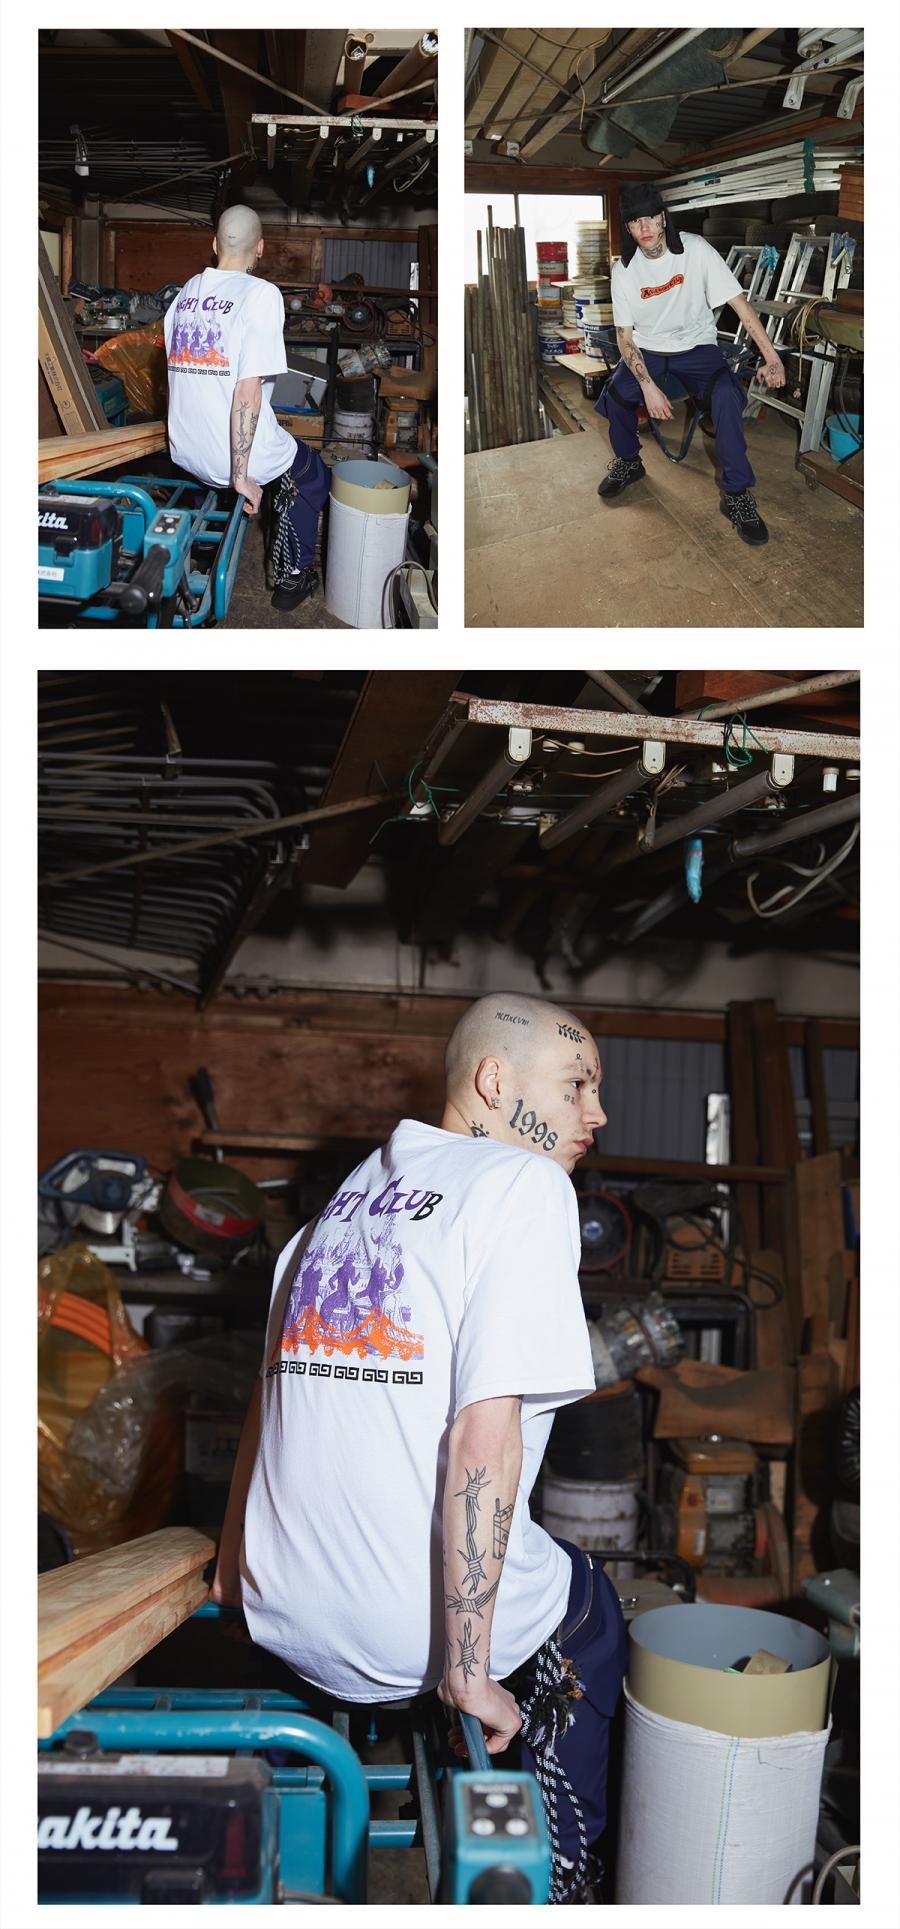 캐스퍼존아이바(CASPERJOHNAIVER) 나이트 클럽 오버 티셔츠(화이트)